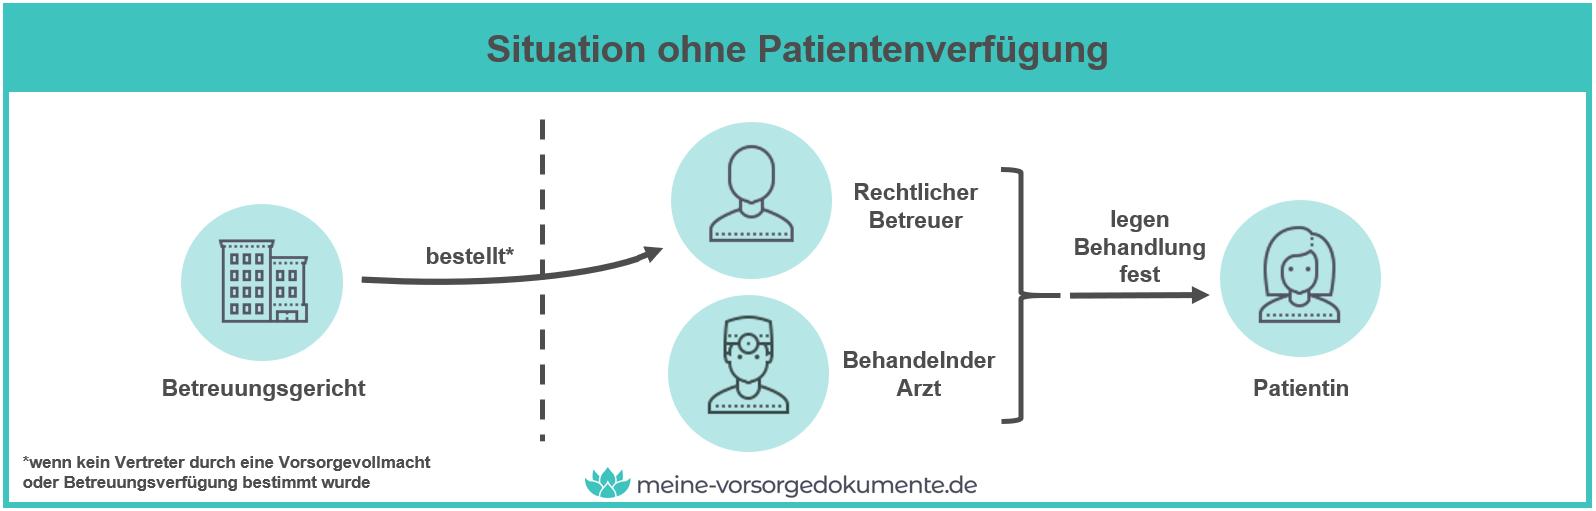 Situation ohne Patientenverfügung